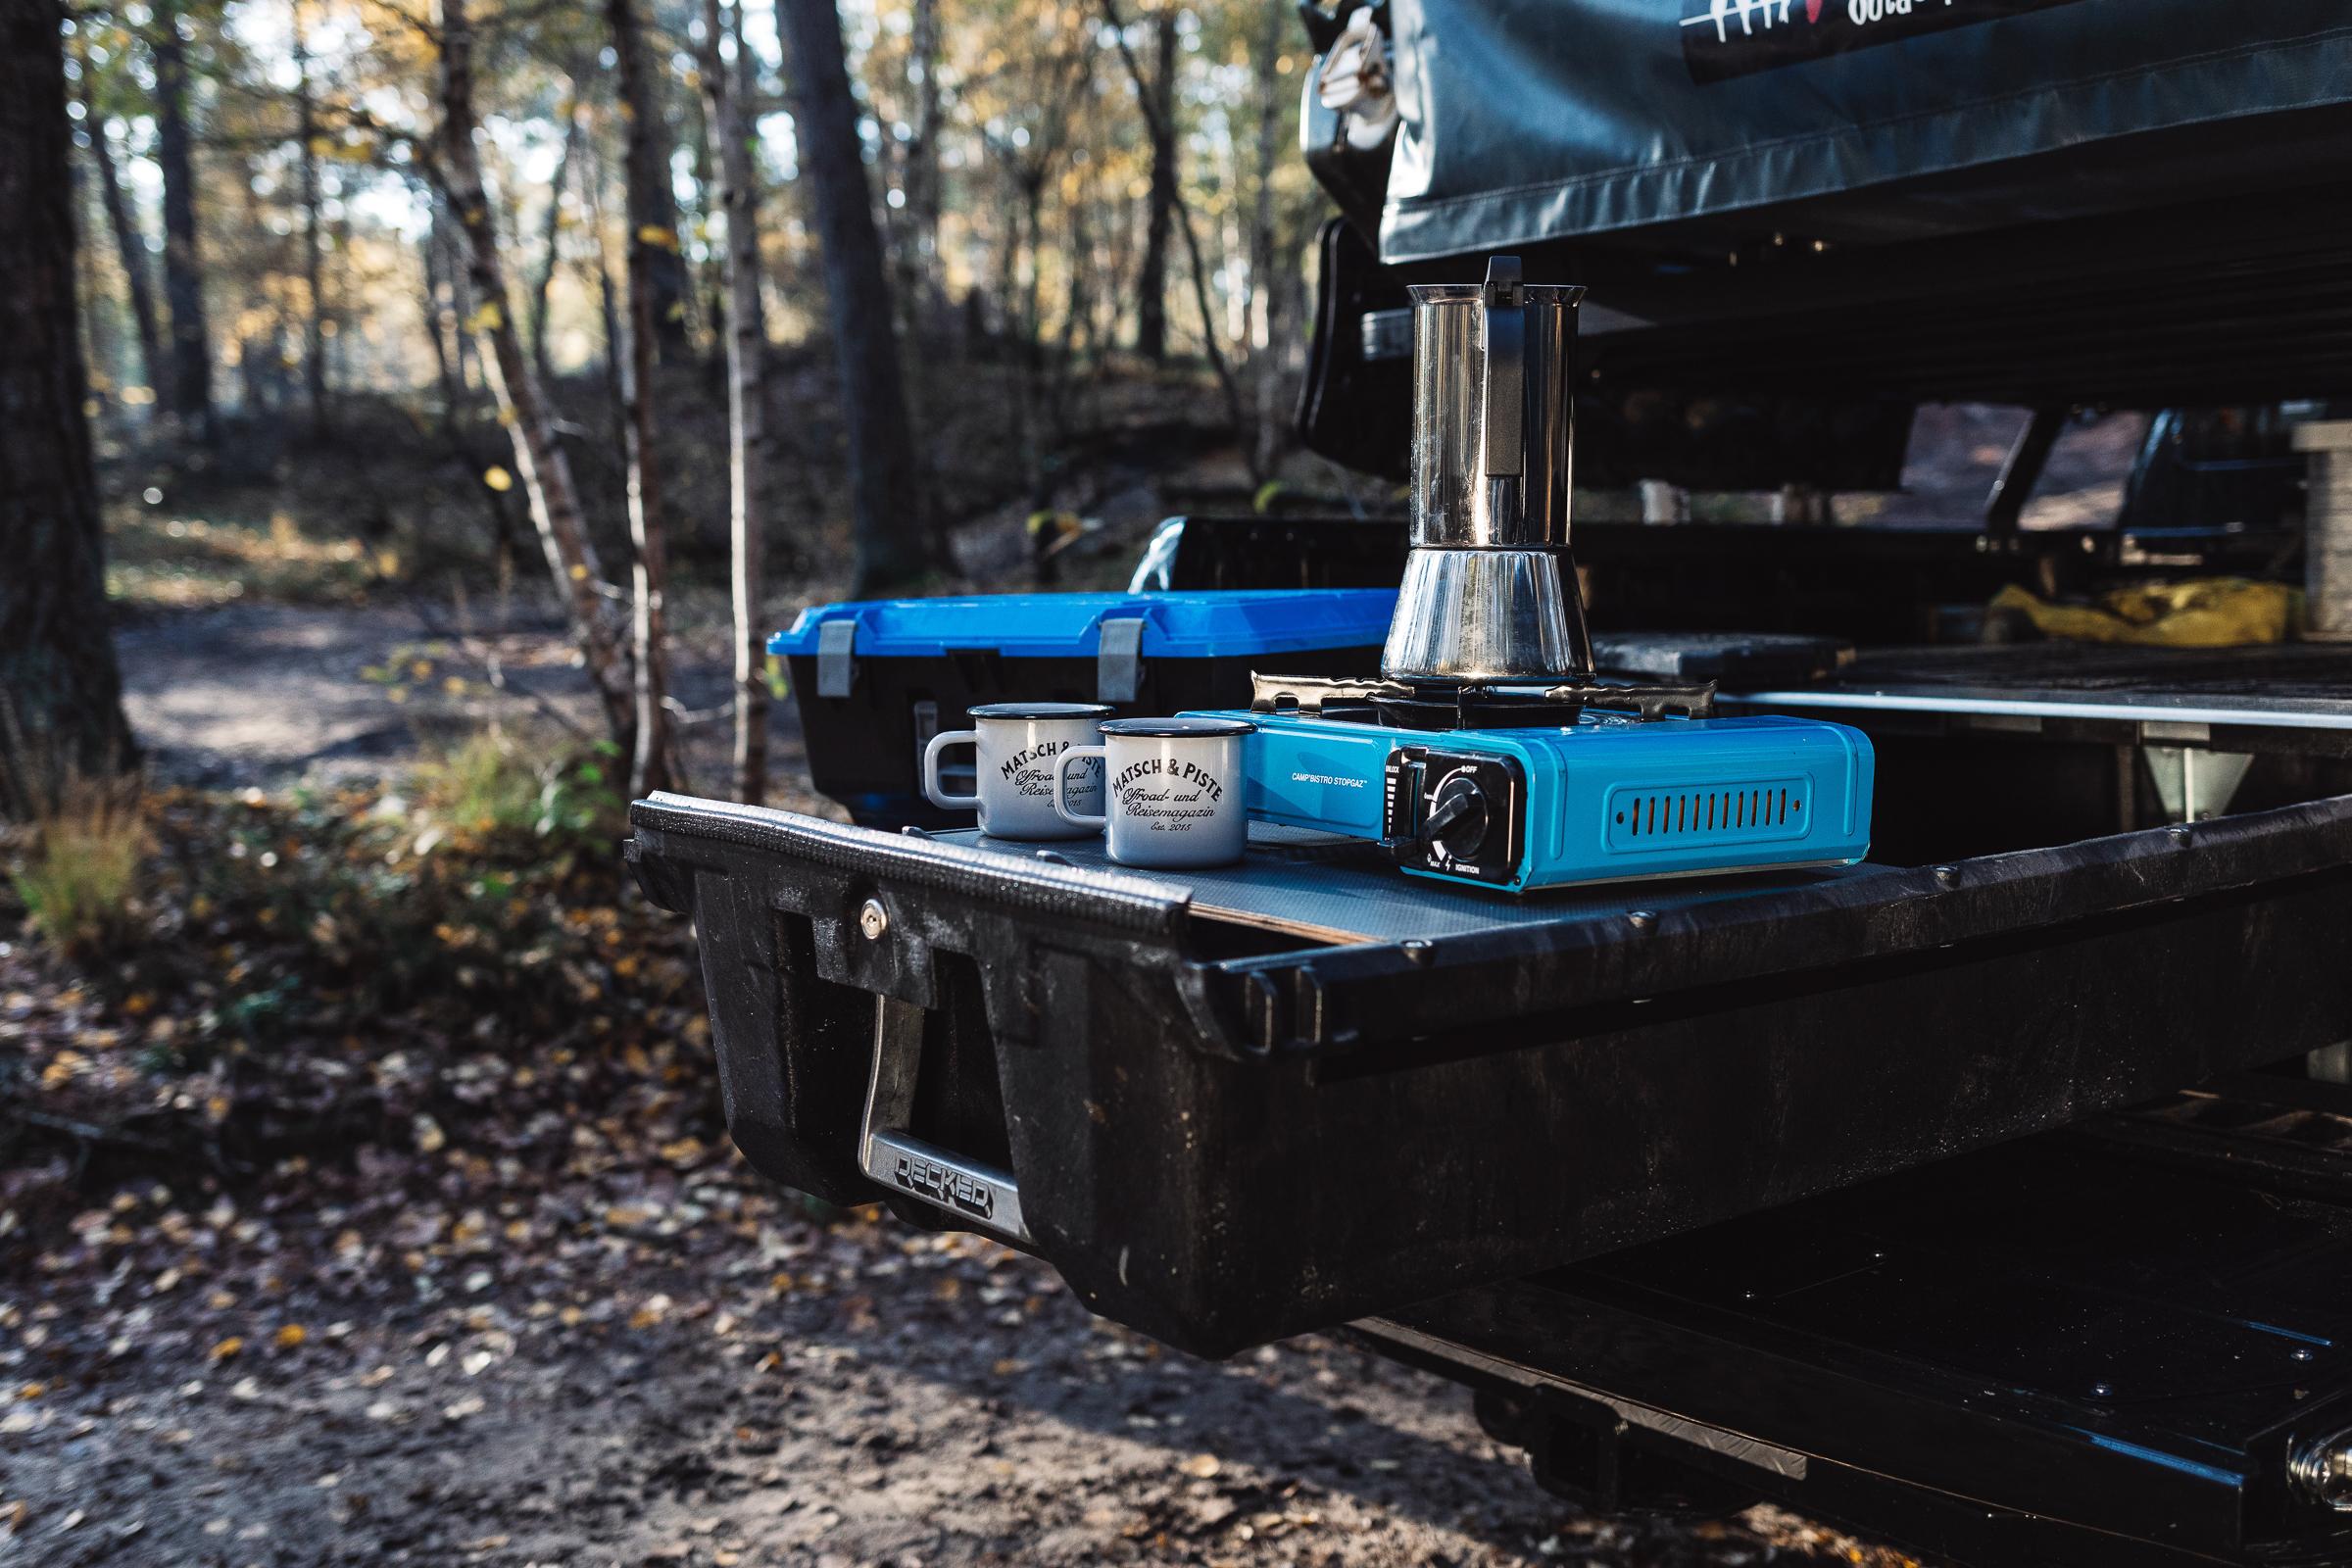 Camping-Kocher Offroad-Reise Ausrüstung Decked